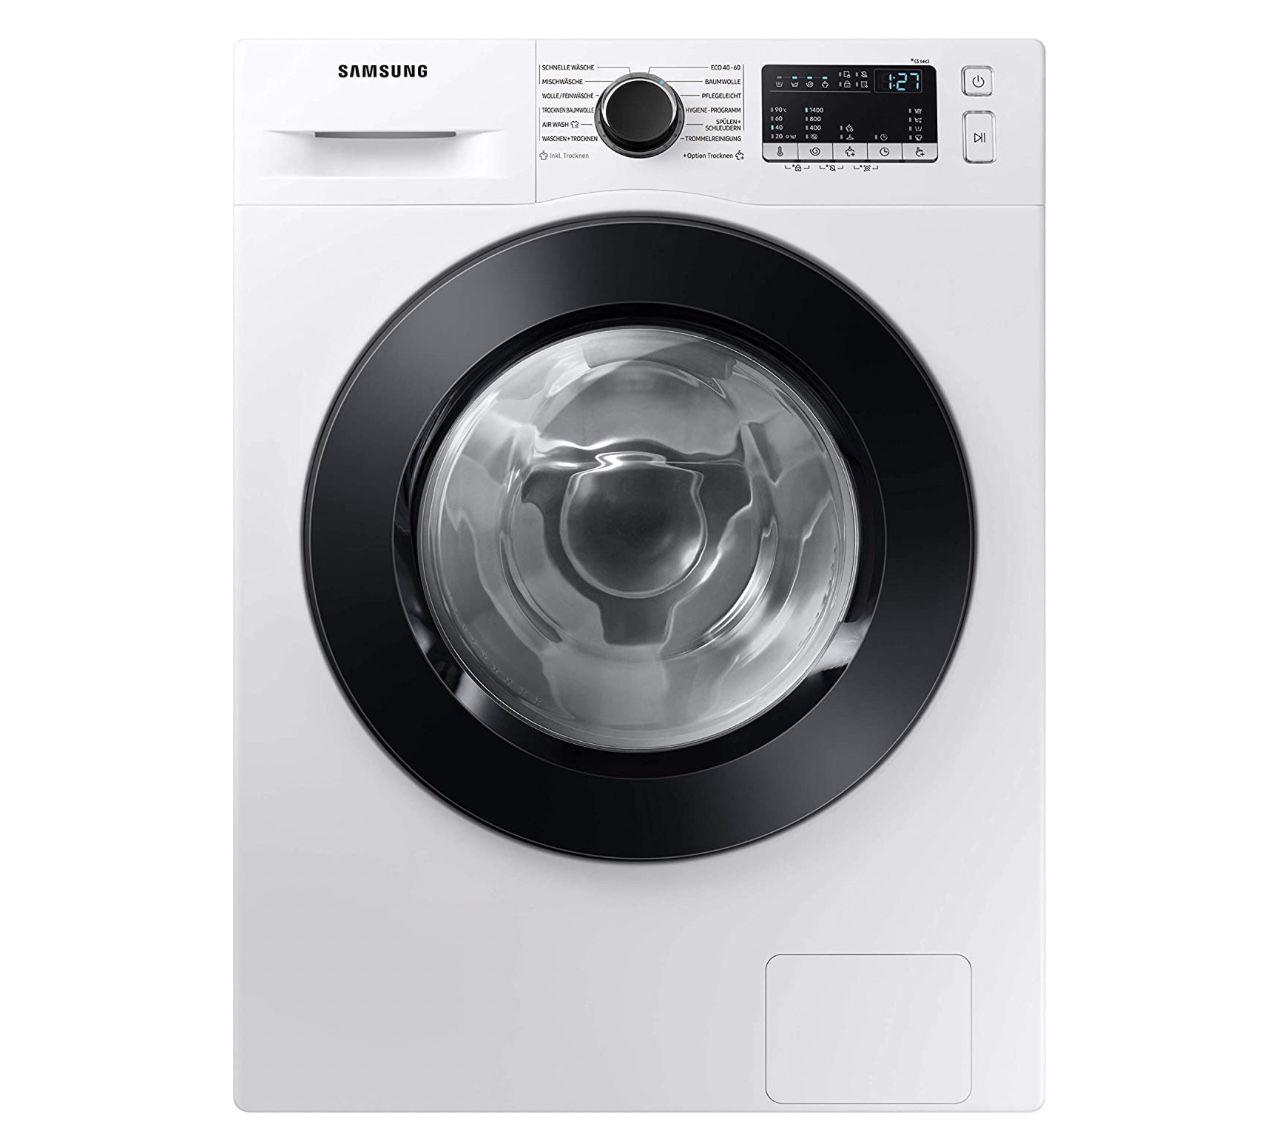 Samsung WD70T4049CE/EG 7kg/4kg Waschtrockner, 1400 U/min für 438,95€ (statt 564€)